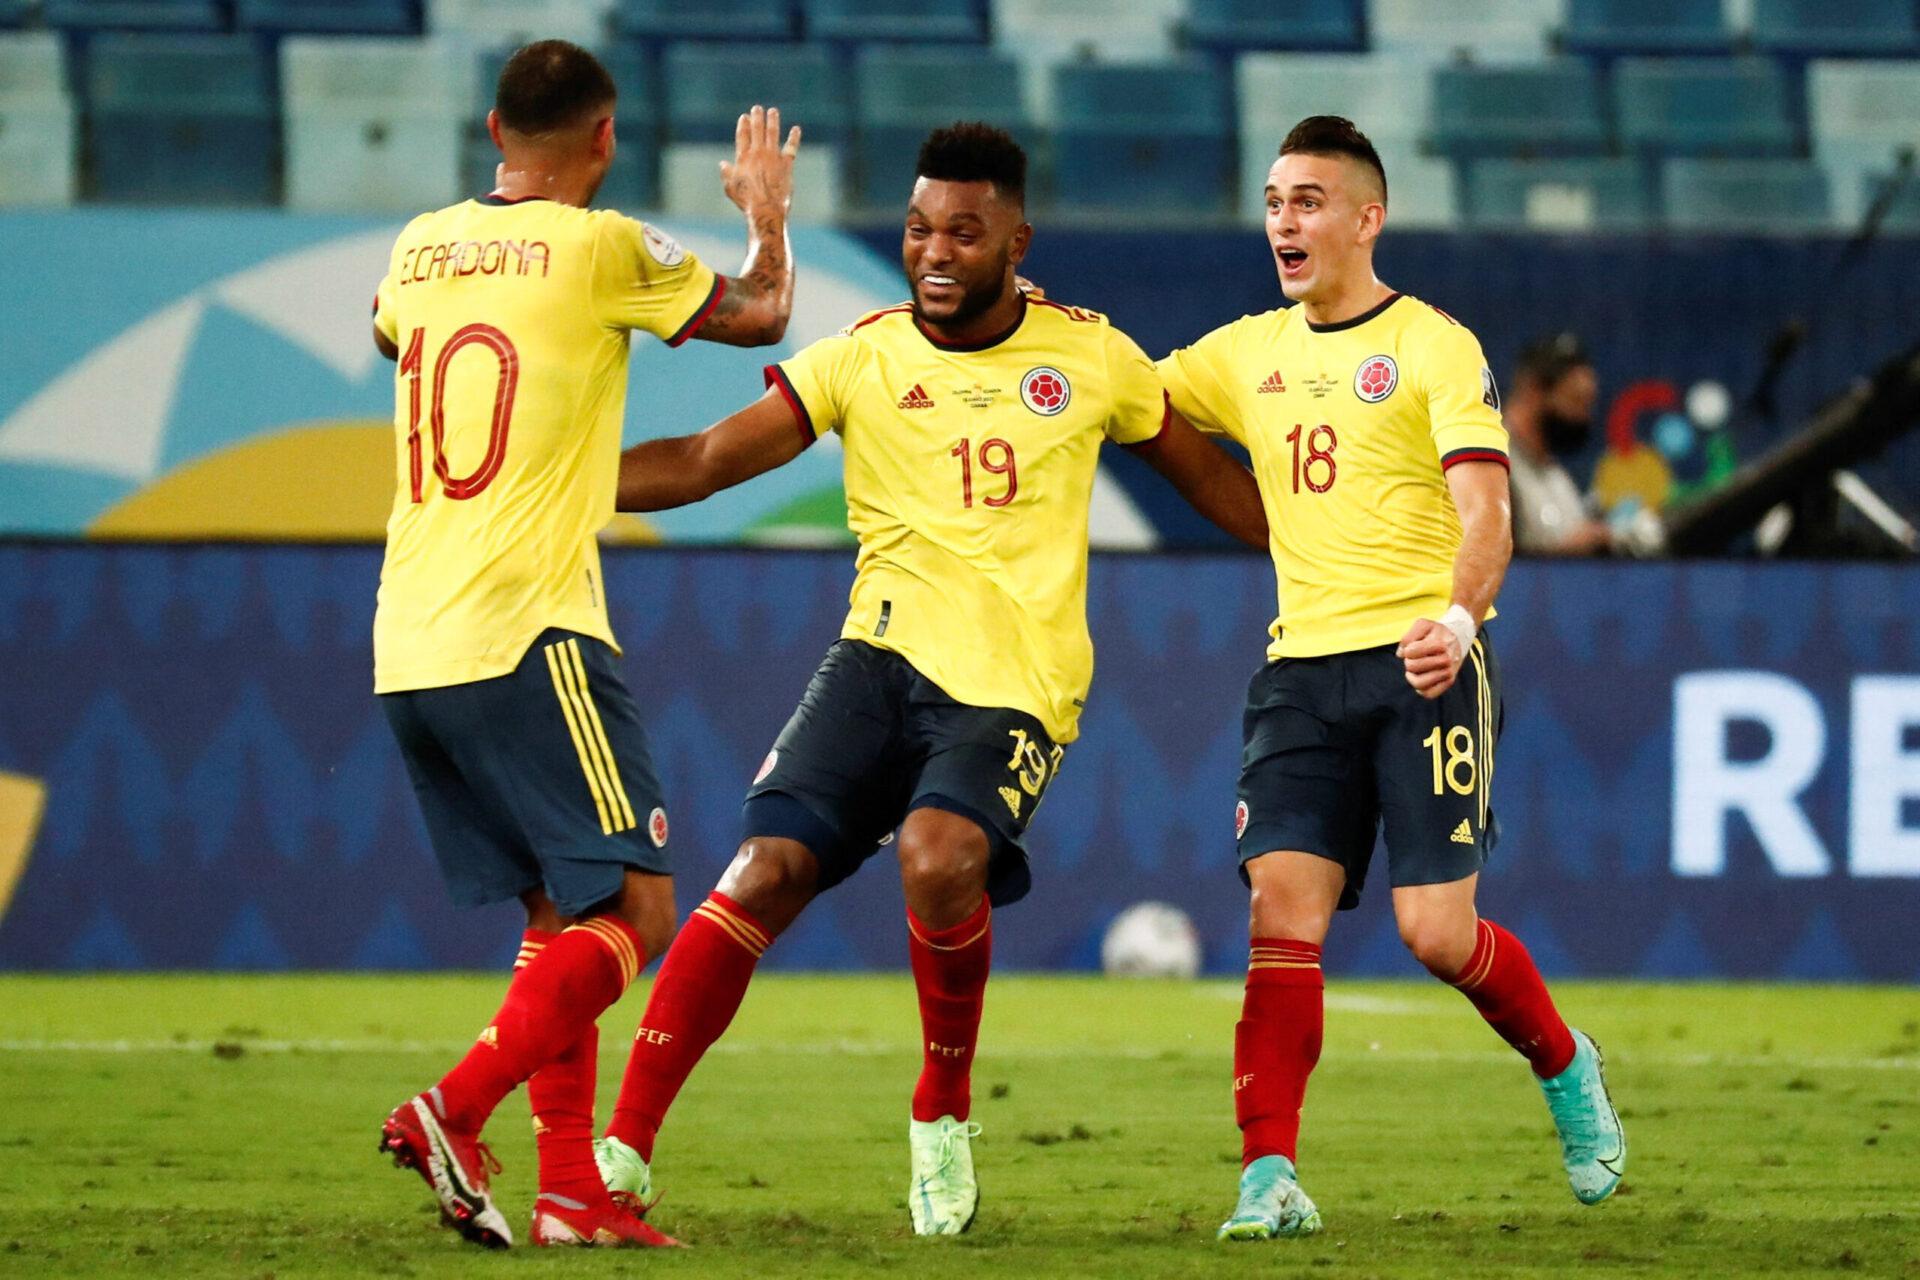 La joie d'Edwin Cardona, selul buteur du match lros de Colombie-Equateur - Icon Sport